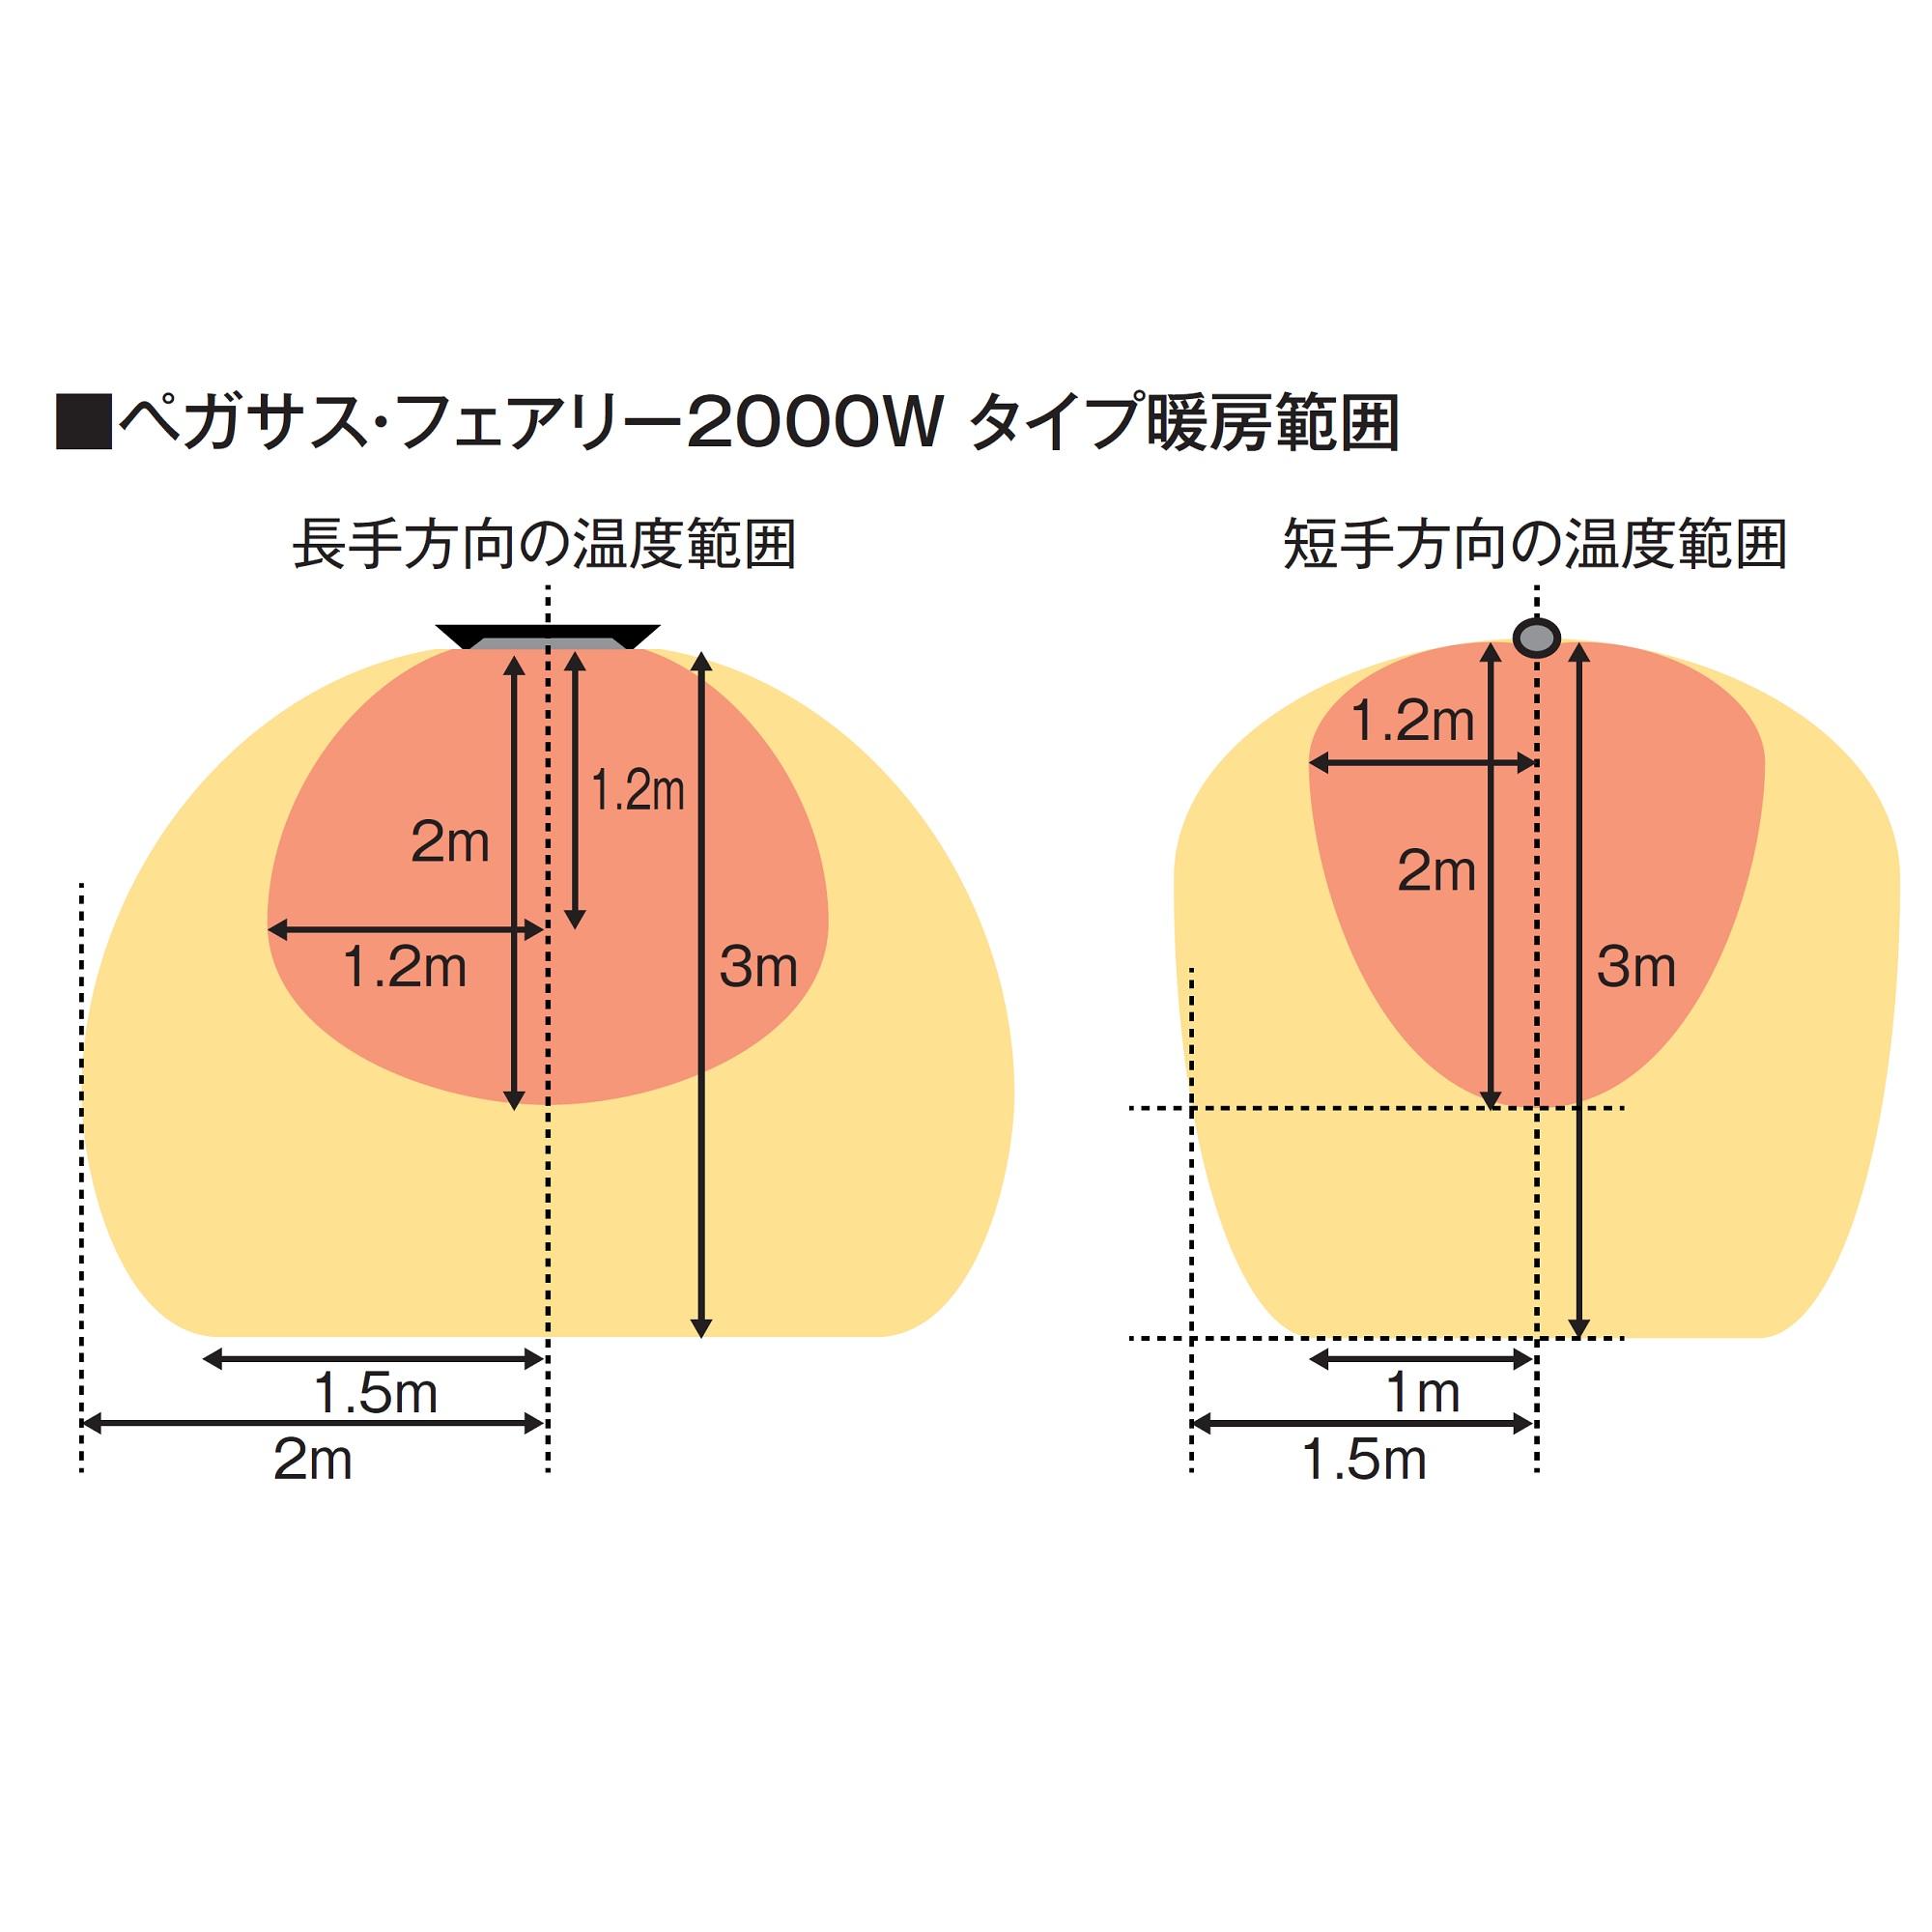 ペガサス・フェアリーヒーター(2000W)の暖房範囲